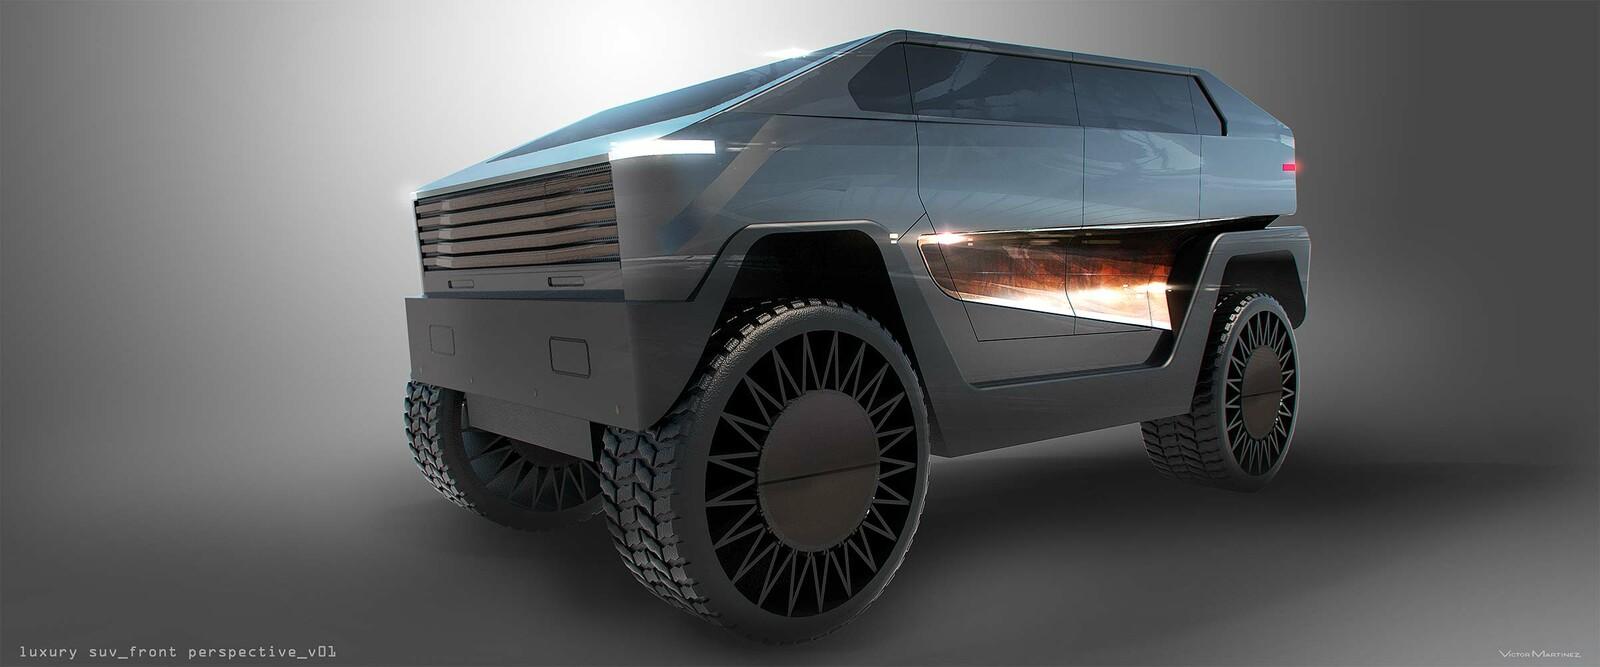 Westworld LUX SUV - designed by Victor Martinez